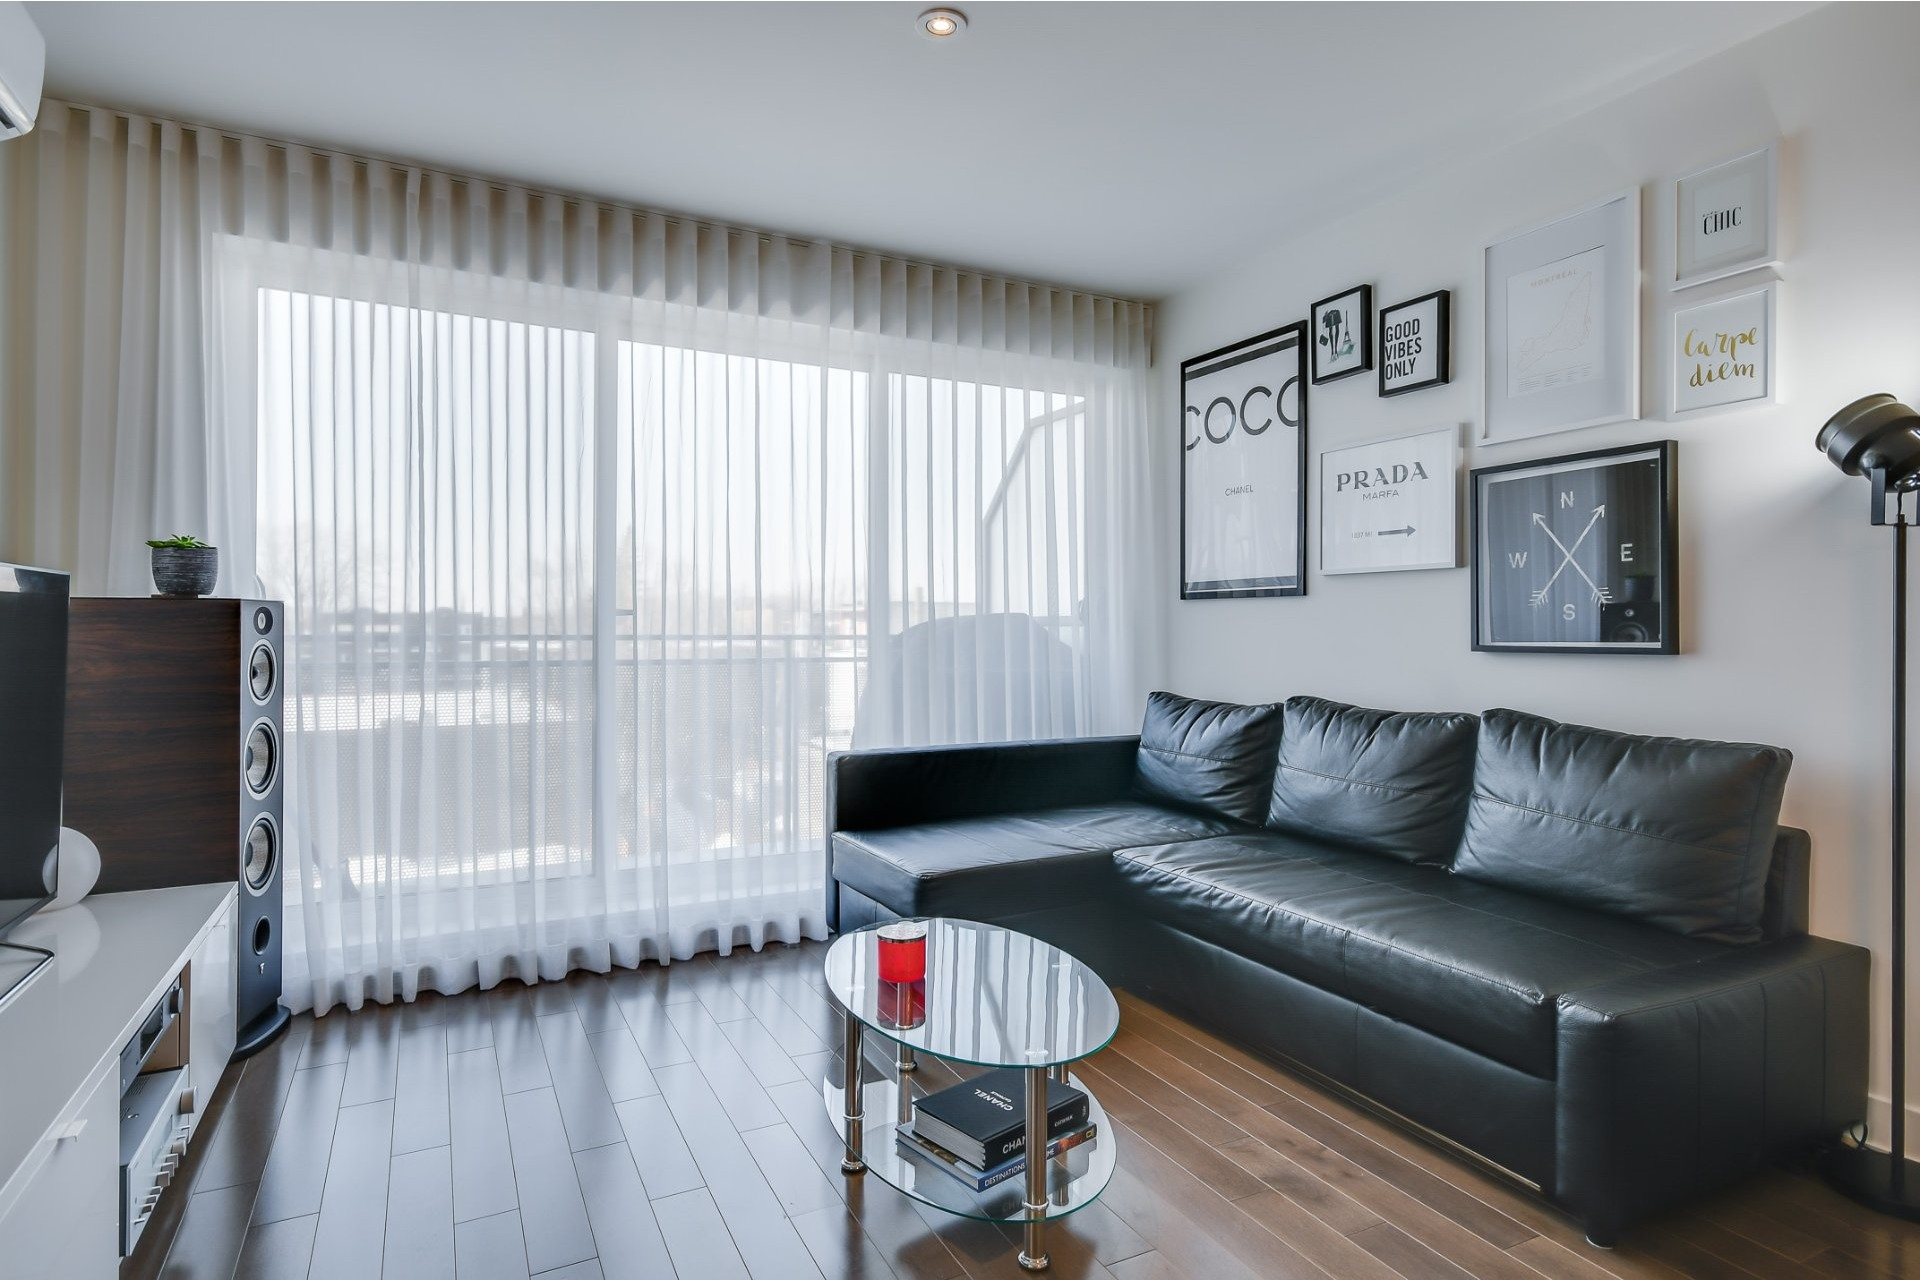 image 4 - Appartement À vendre Rosemont/La Petite-Patrie Montréal  - 4 pièces